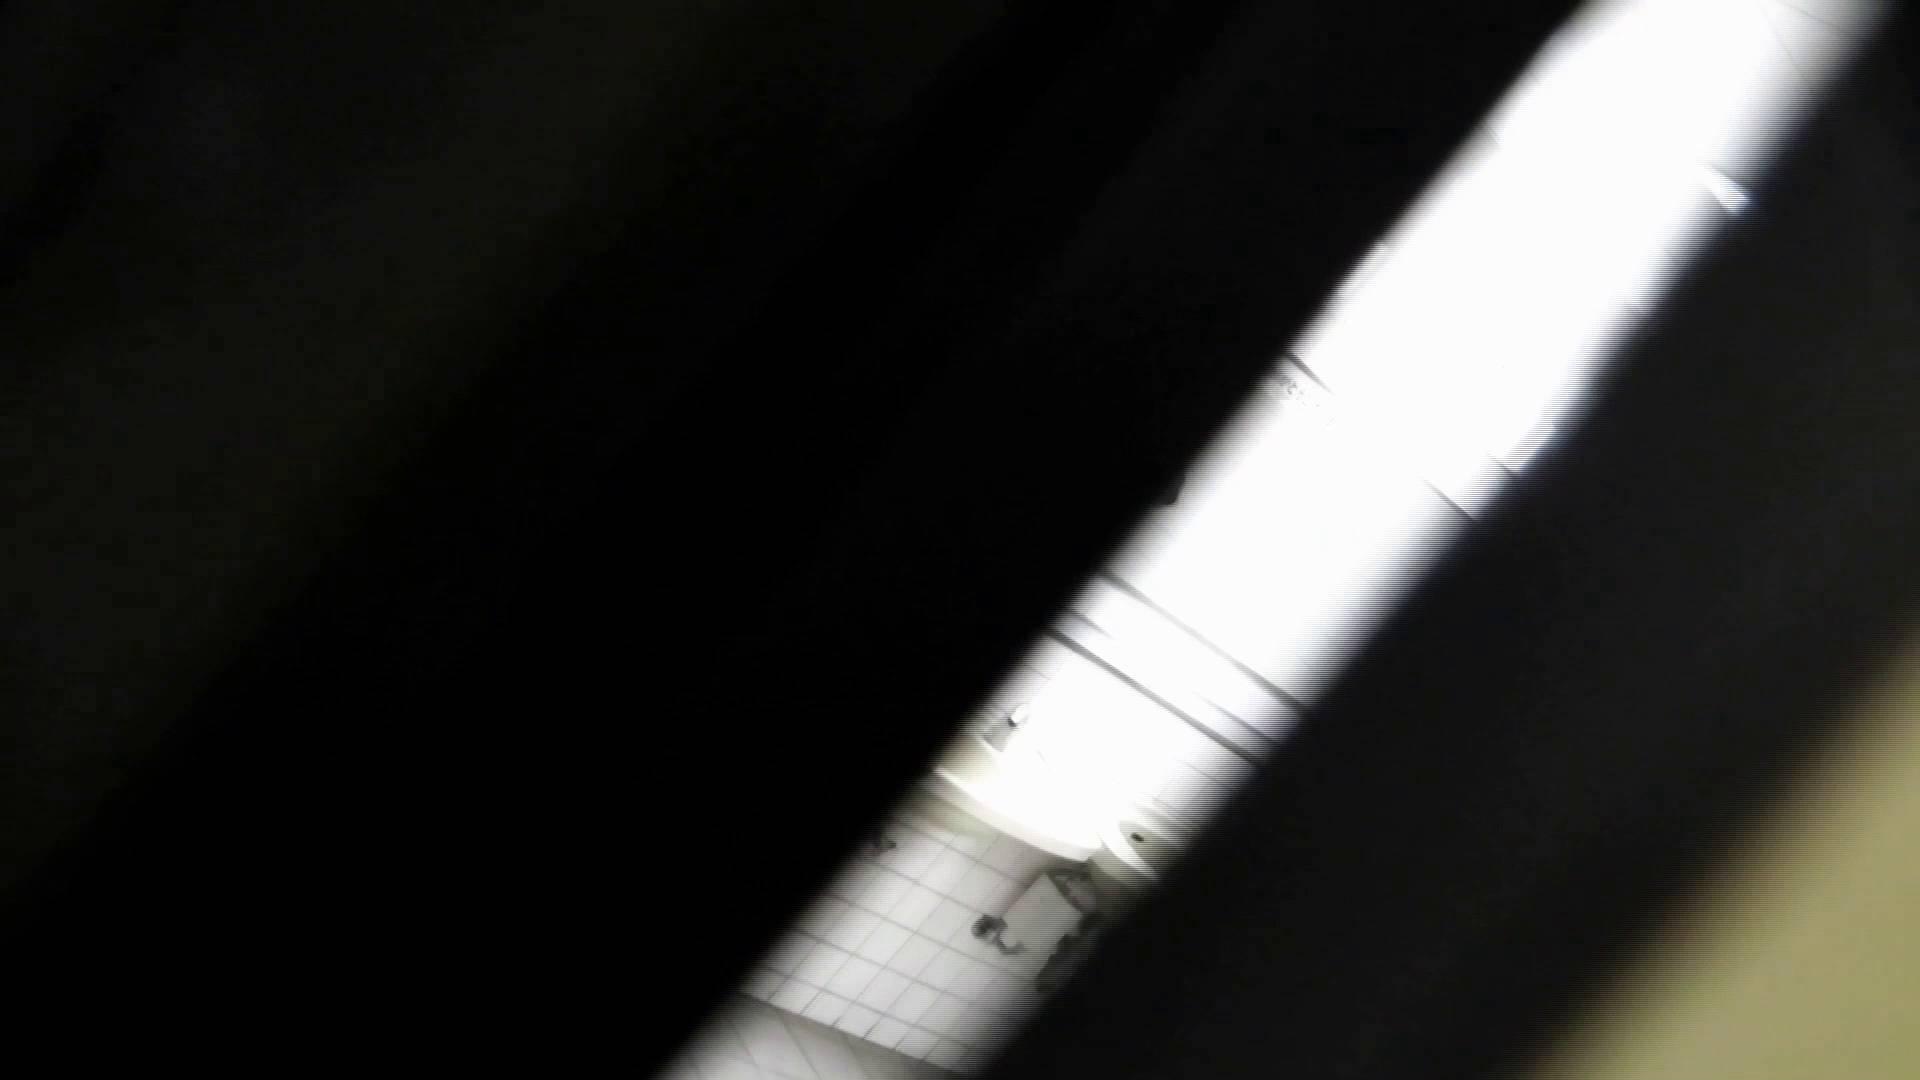 駅隣接デパート Vol.09 お久しぶりです。GIFTです。 ギャル盗撮映像 えろ無修正画像 59PIX 23